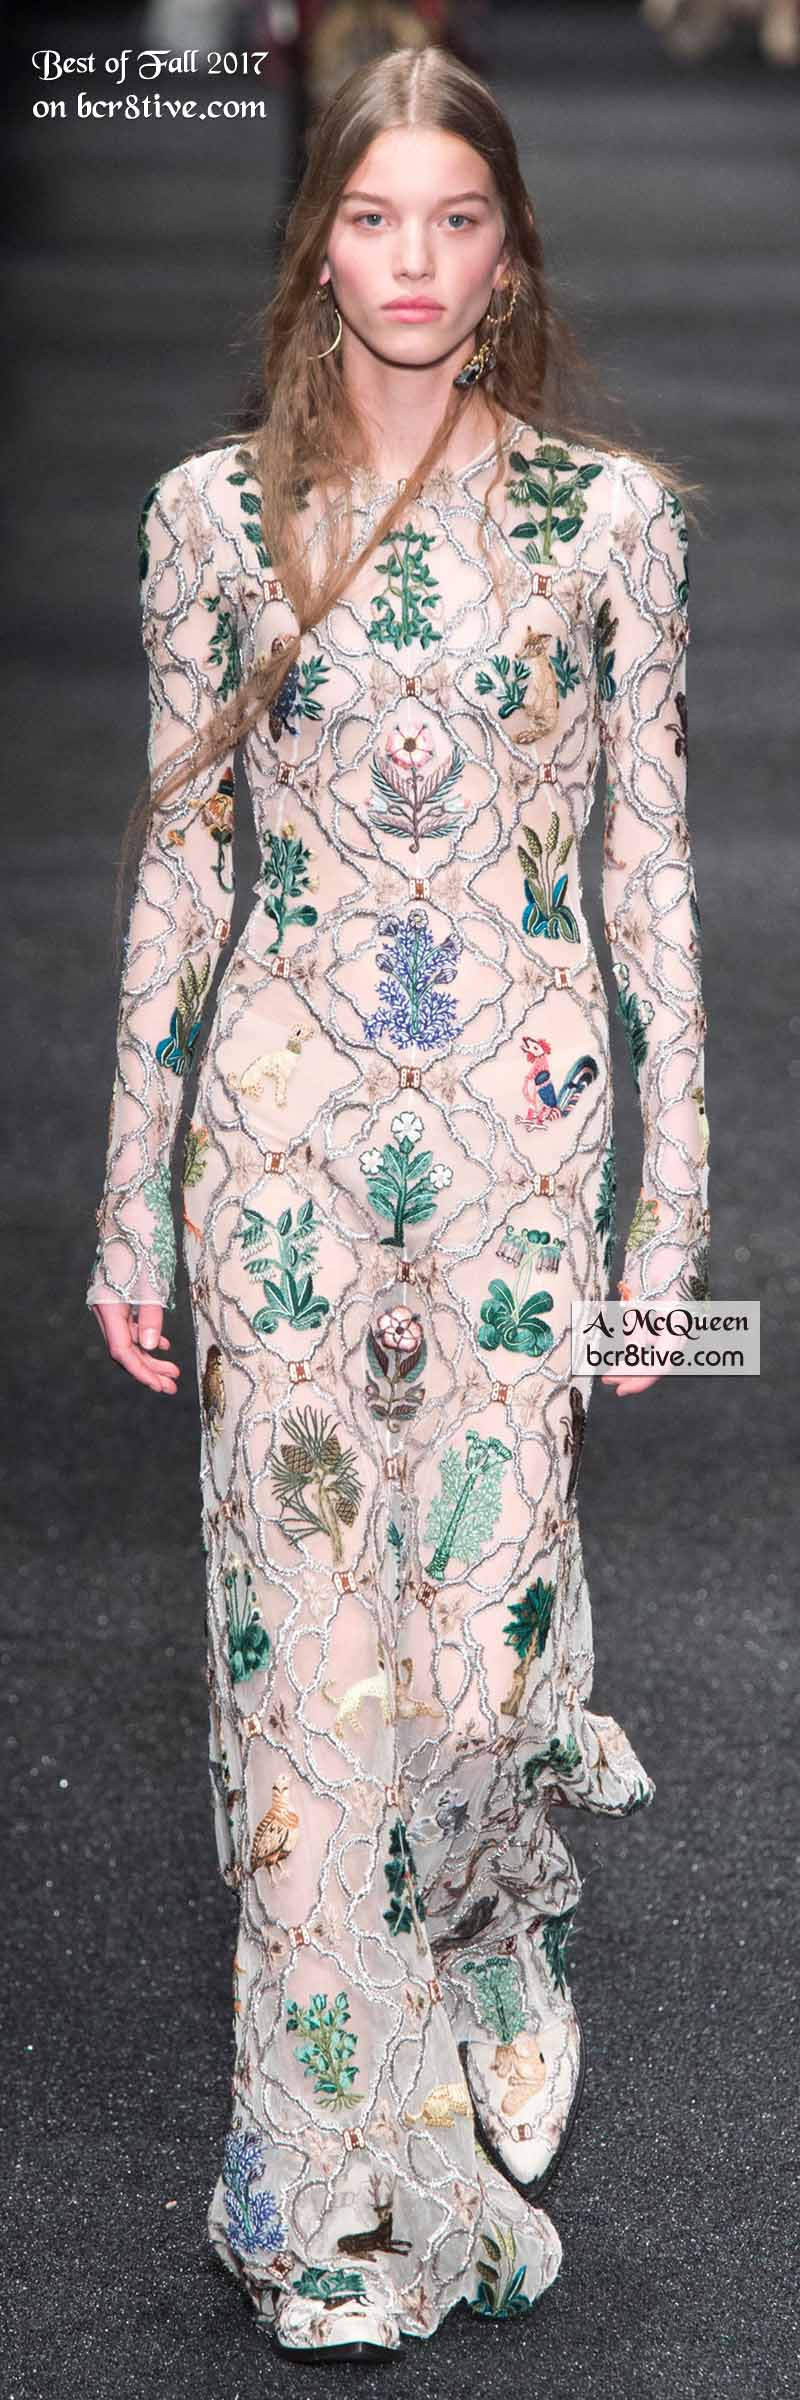 Alexander McQueen Fall 2017